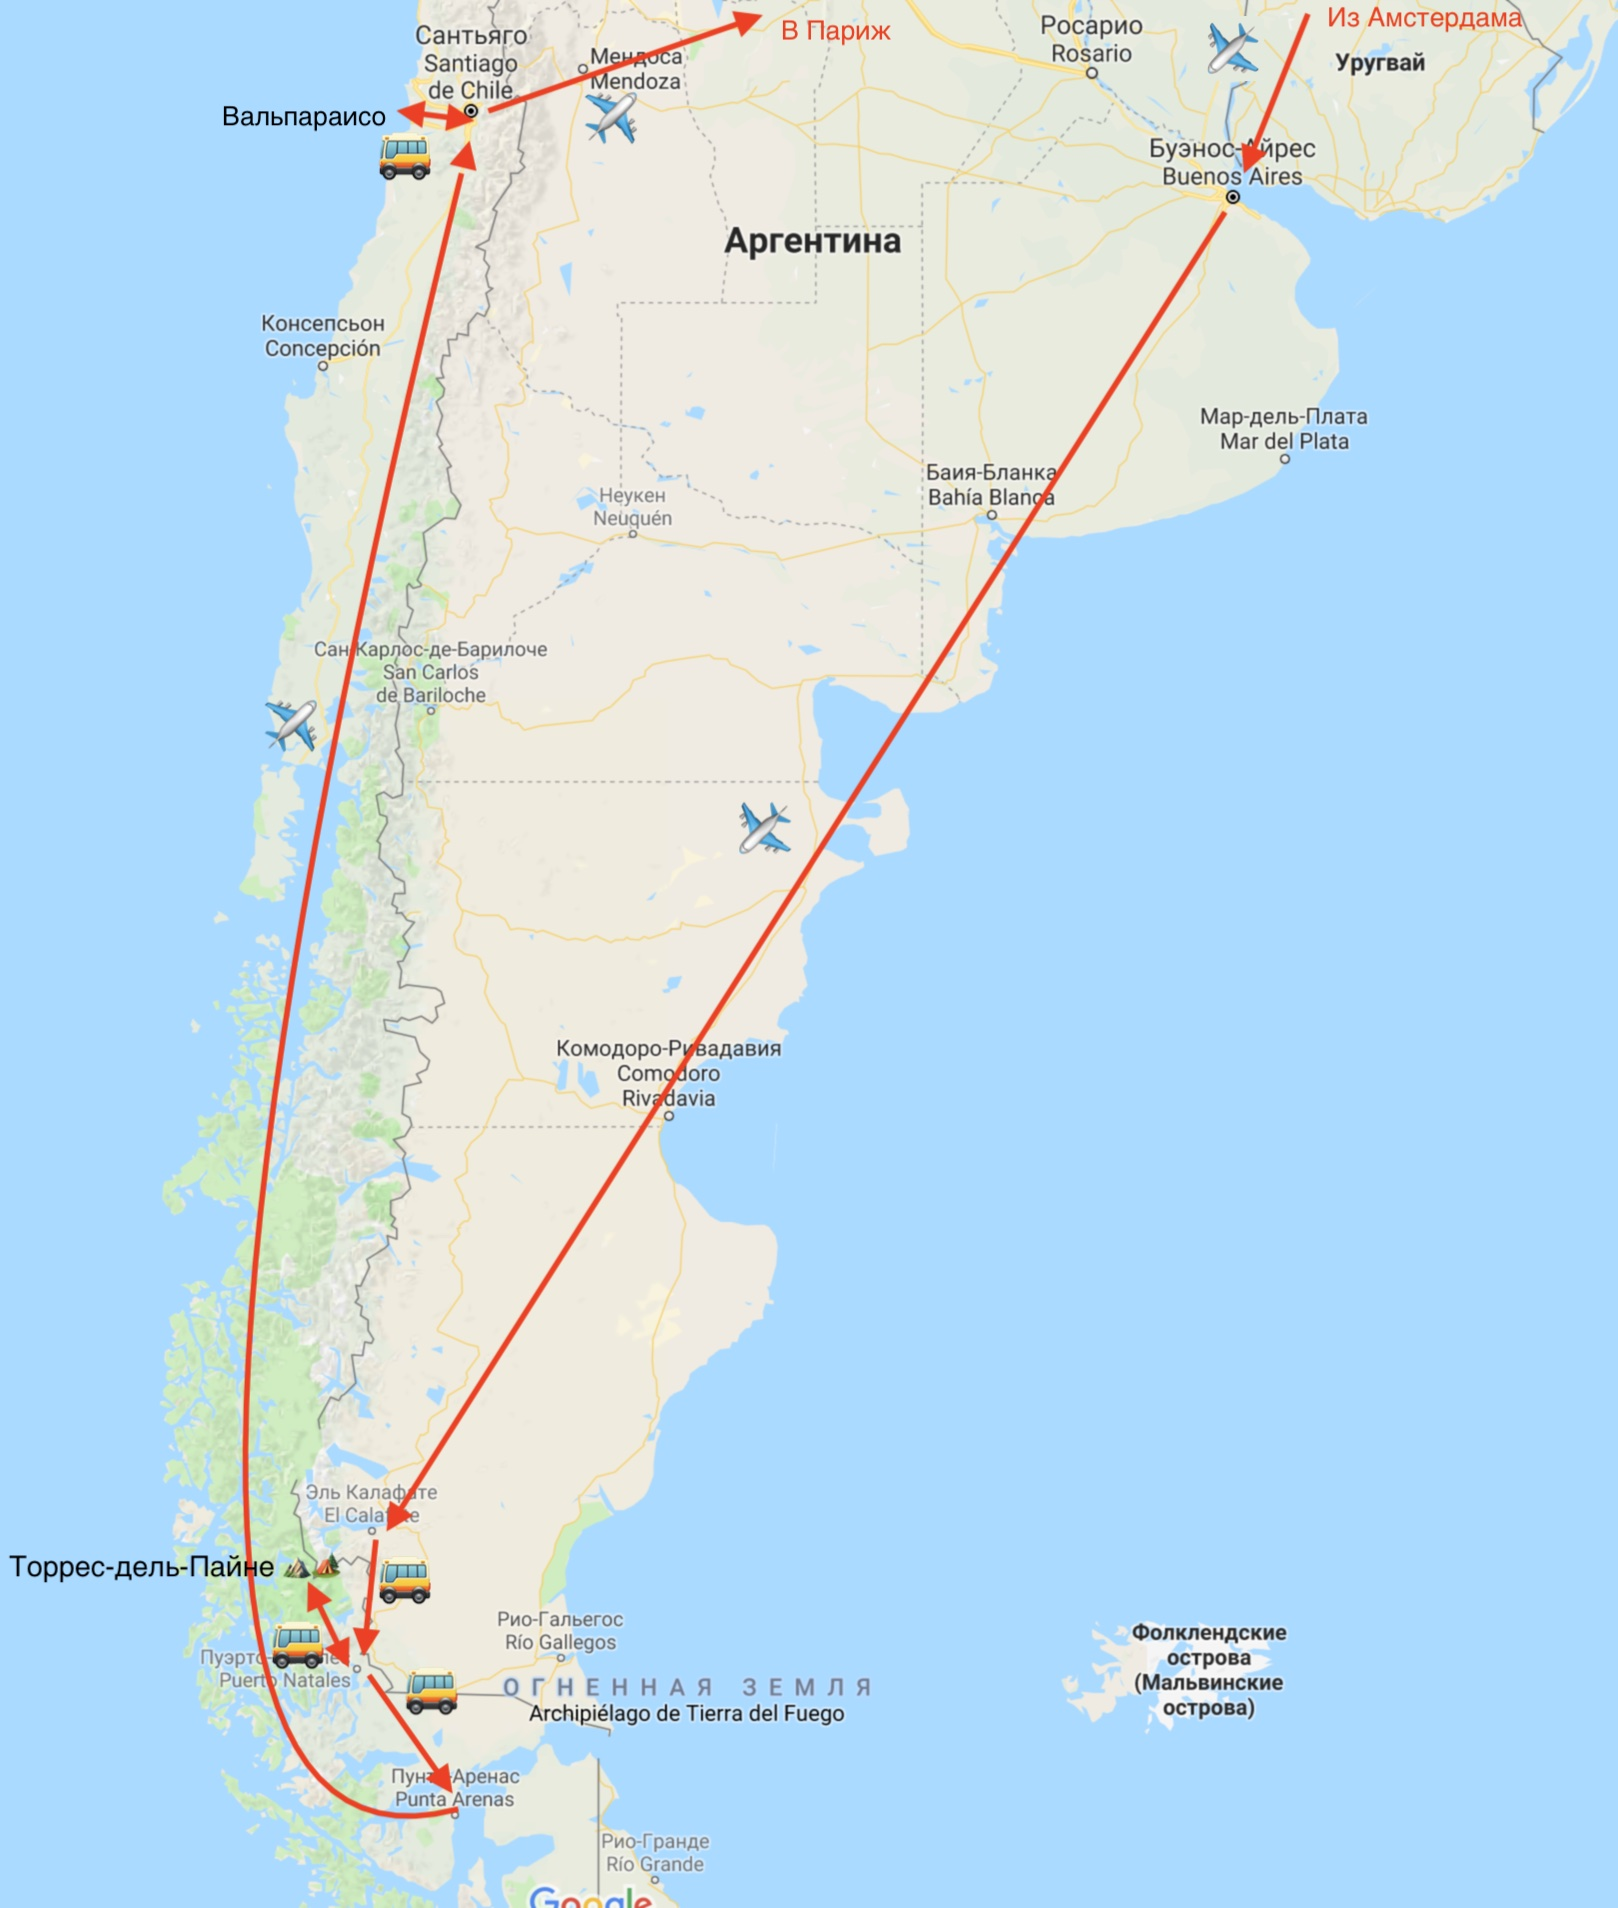 Схема поездки в Патагонию